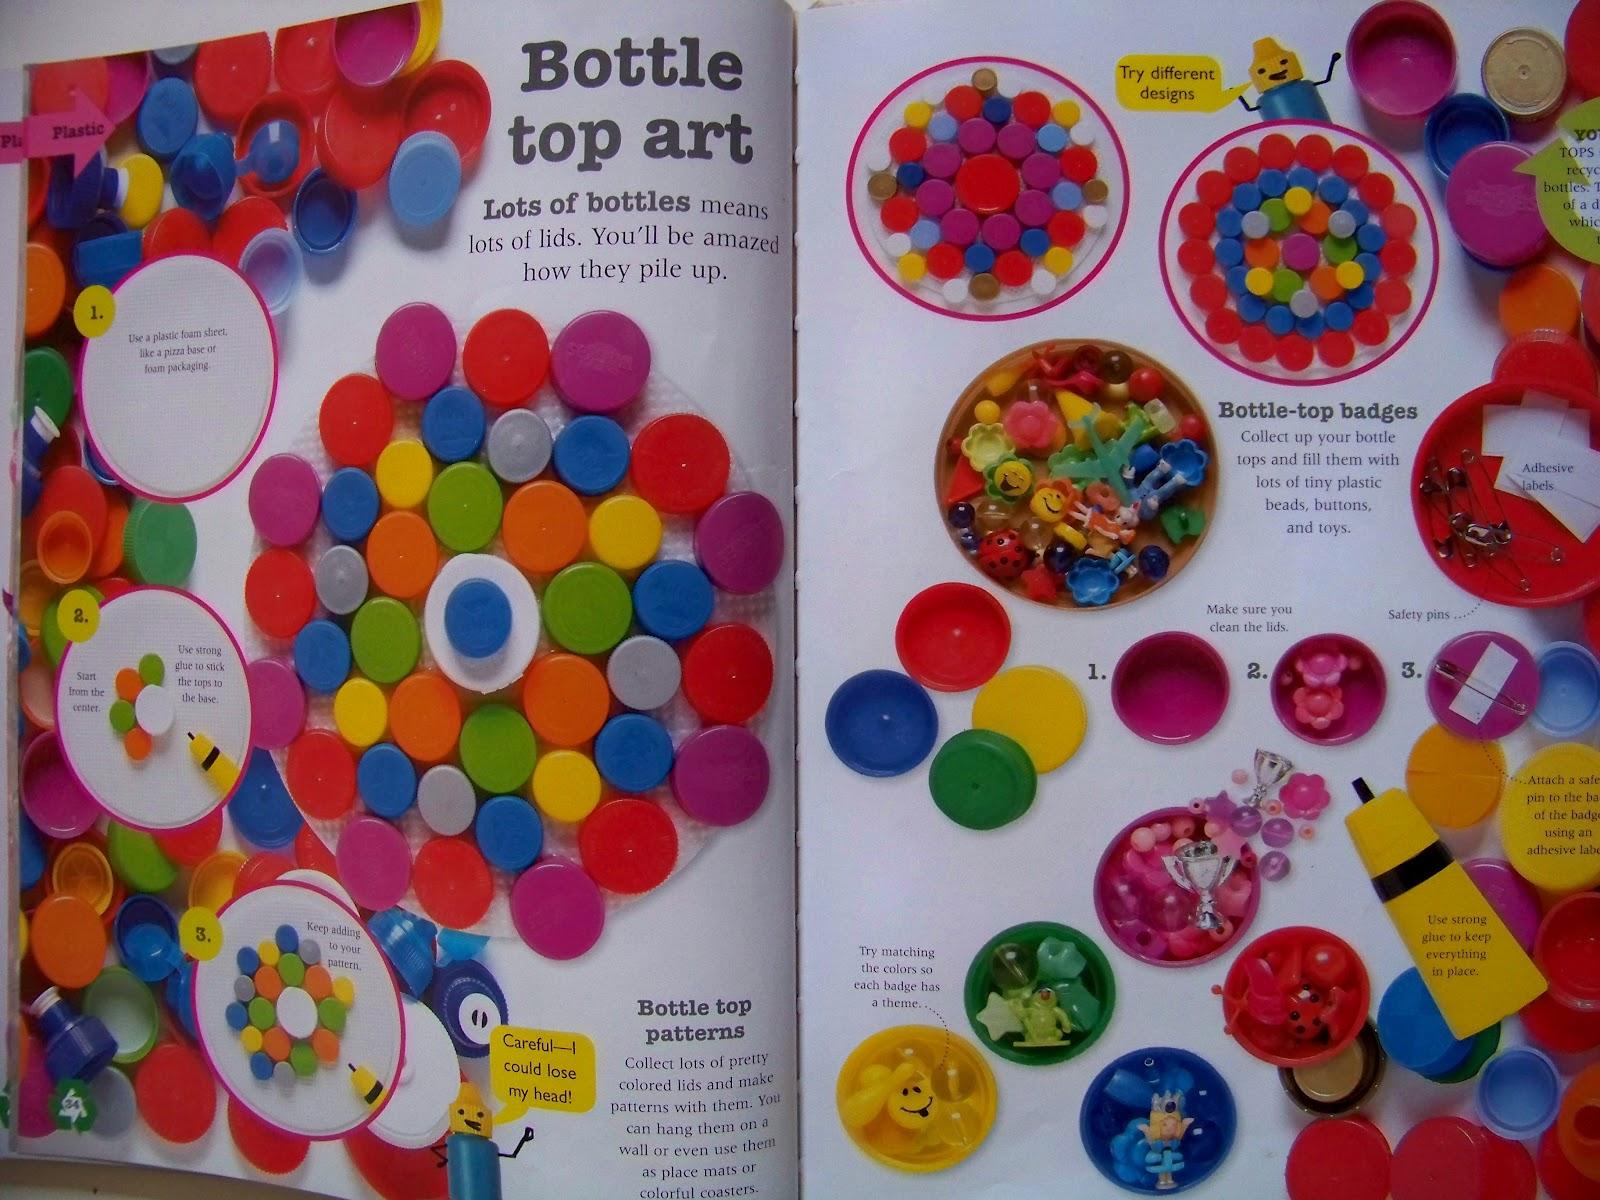 Candice ashment art reduce reuse recycle bottle cap art diy wall art - Plastic bottle caps crafts ideas ...